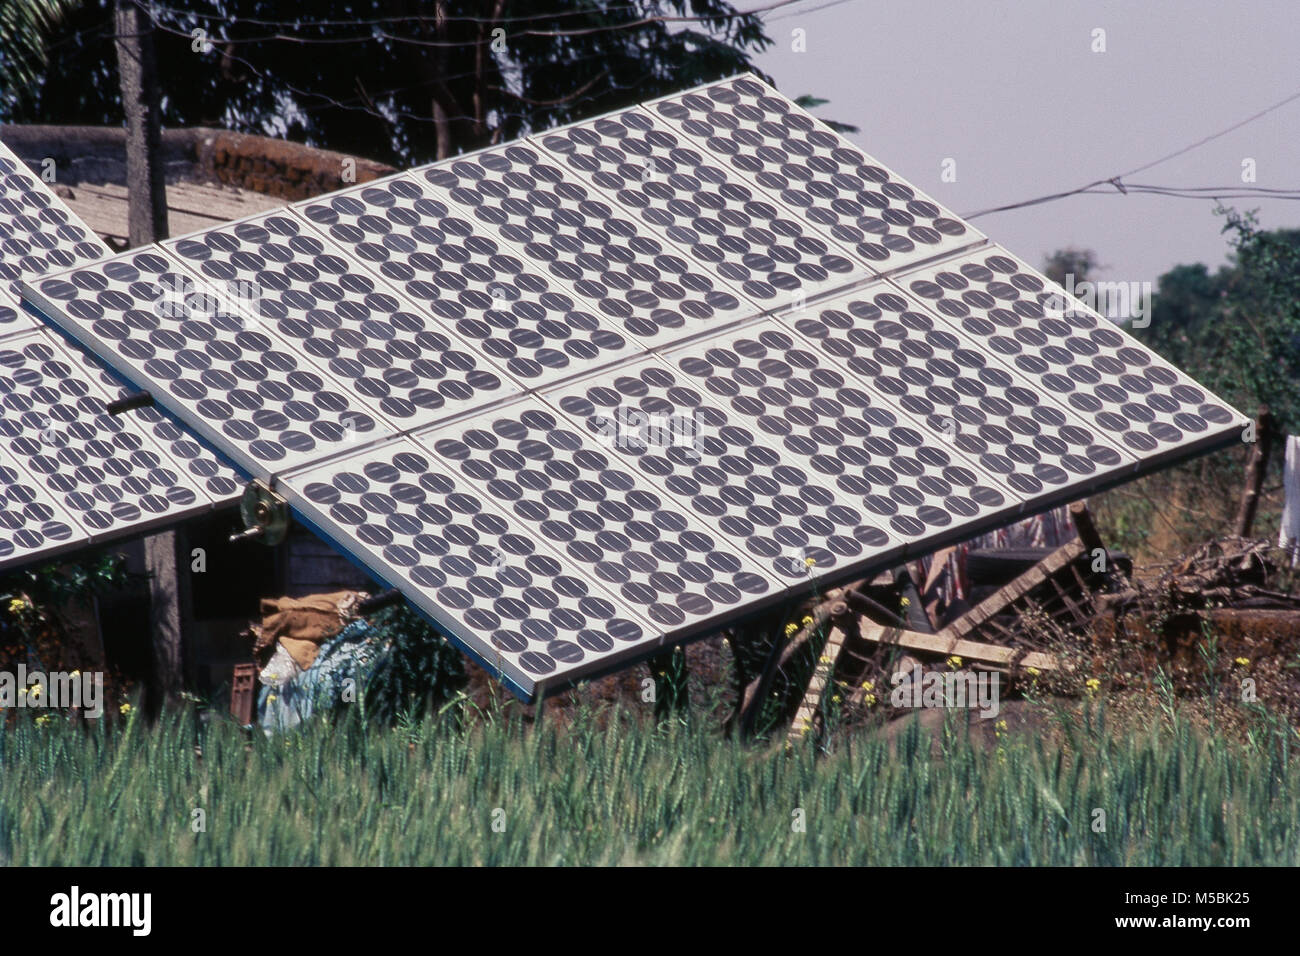 Vista de paneles solares en Murbad, Thane, Maharashtra, India Imagen De Stock